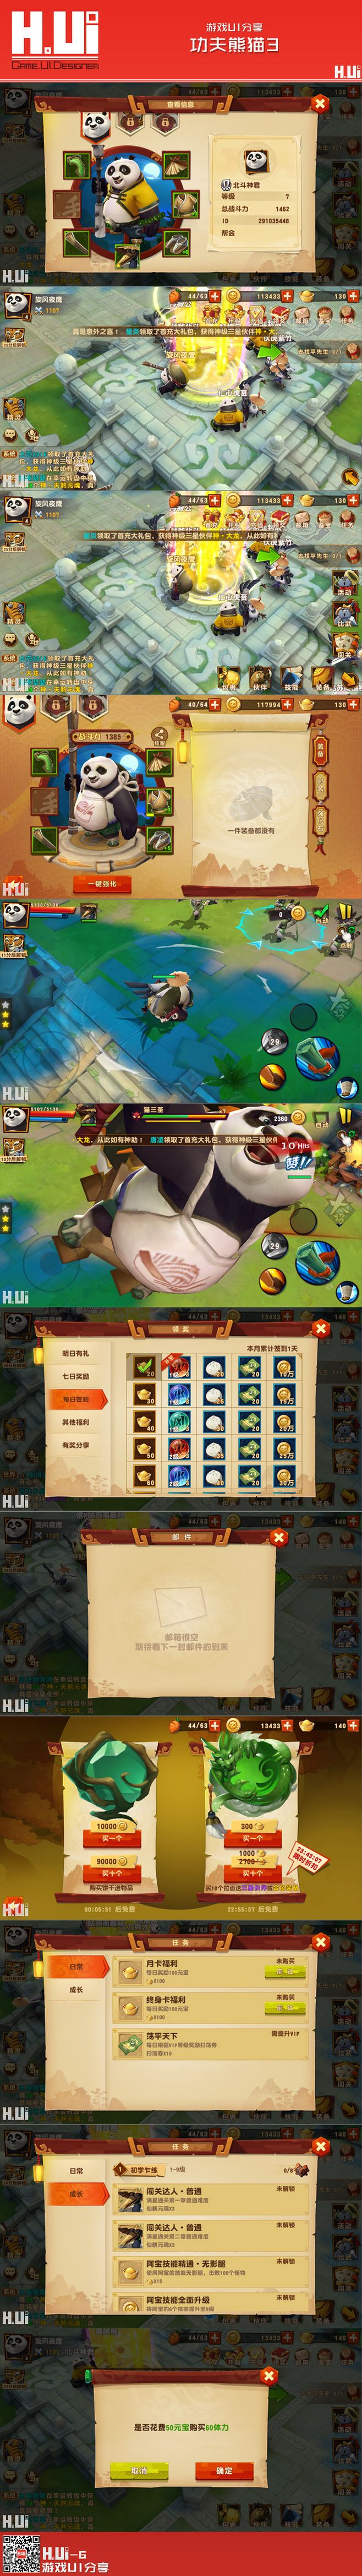 功夫熊猫3 手游 #游戏UI#